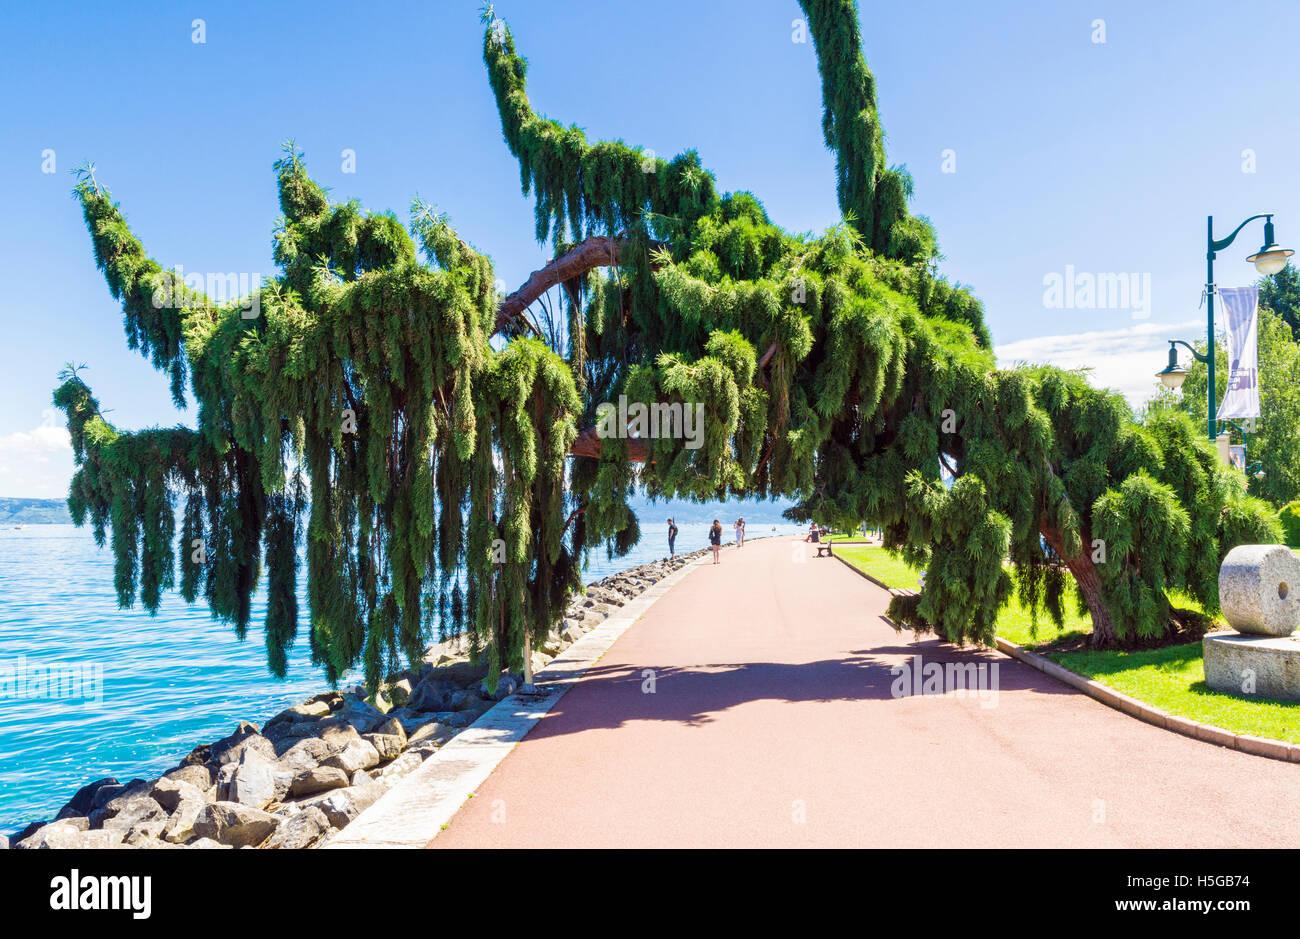 Un pianto gigantesco albero di sequoia sporgendoti dalla passeggiata lungomare di Évian-les-Bains, Francia Immagini Stock